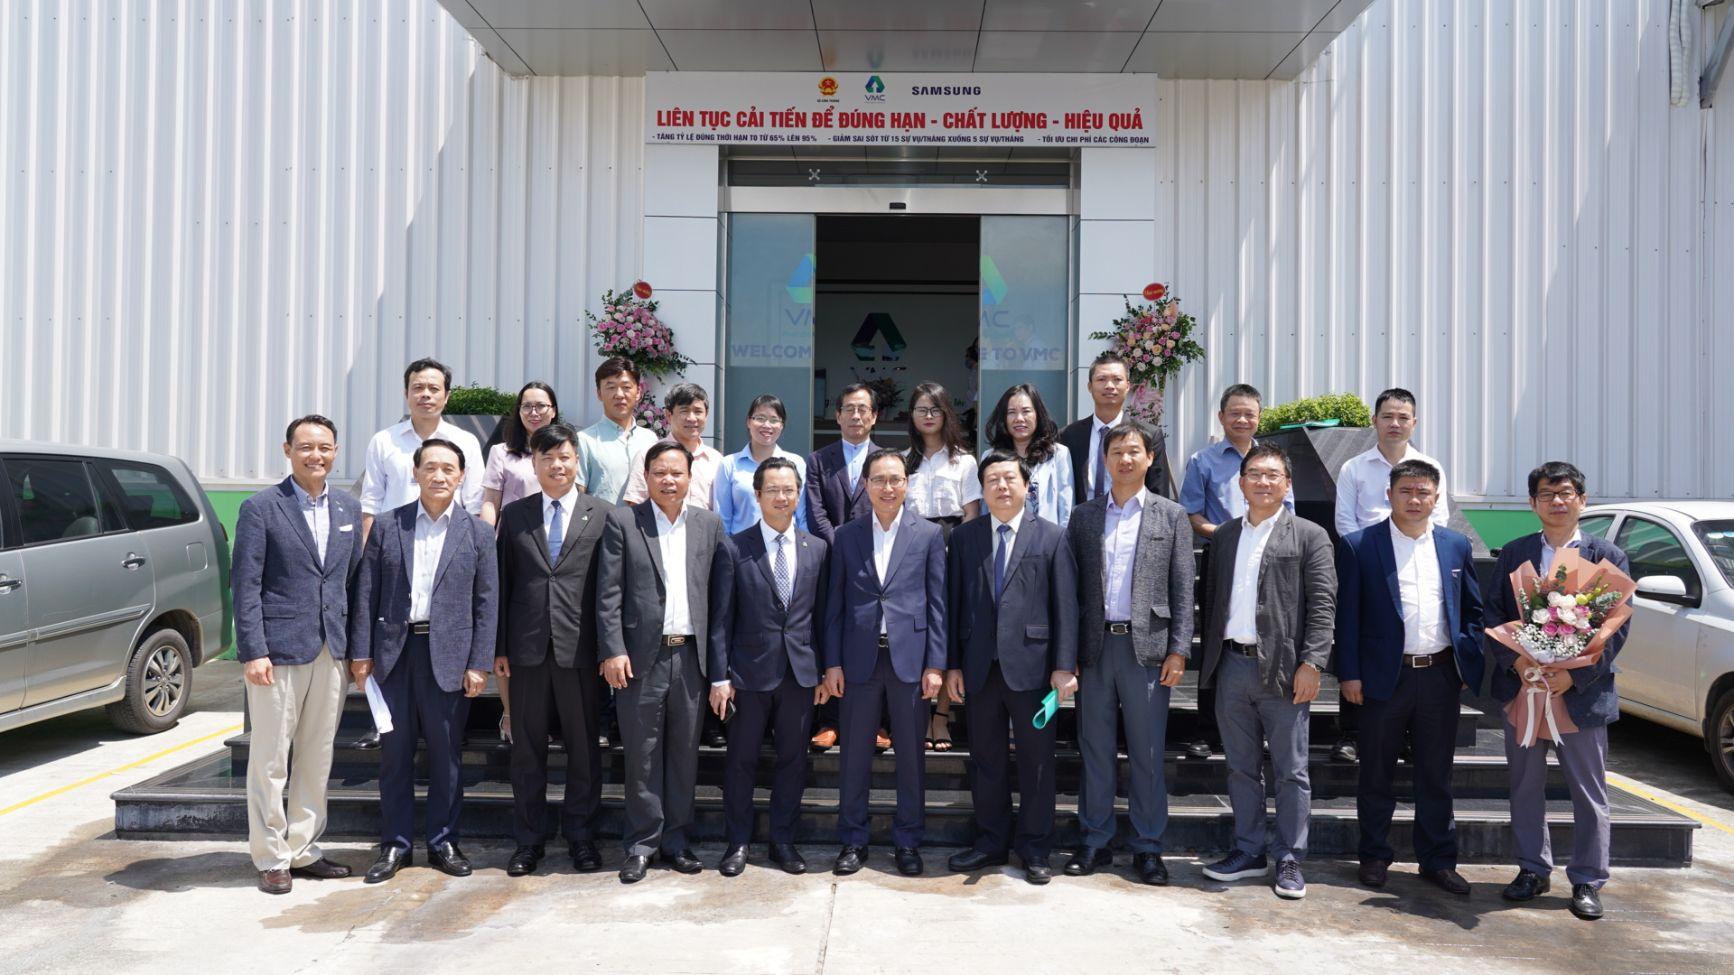 Lãnh đạo UBND tỉnh Hải Dương và Samsung Việt Nam thăm nhà máy VMC